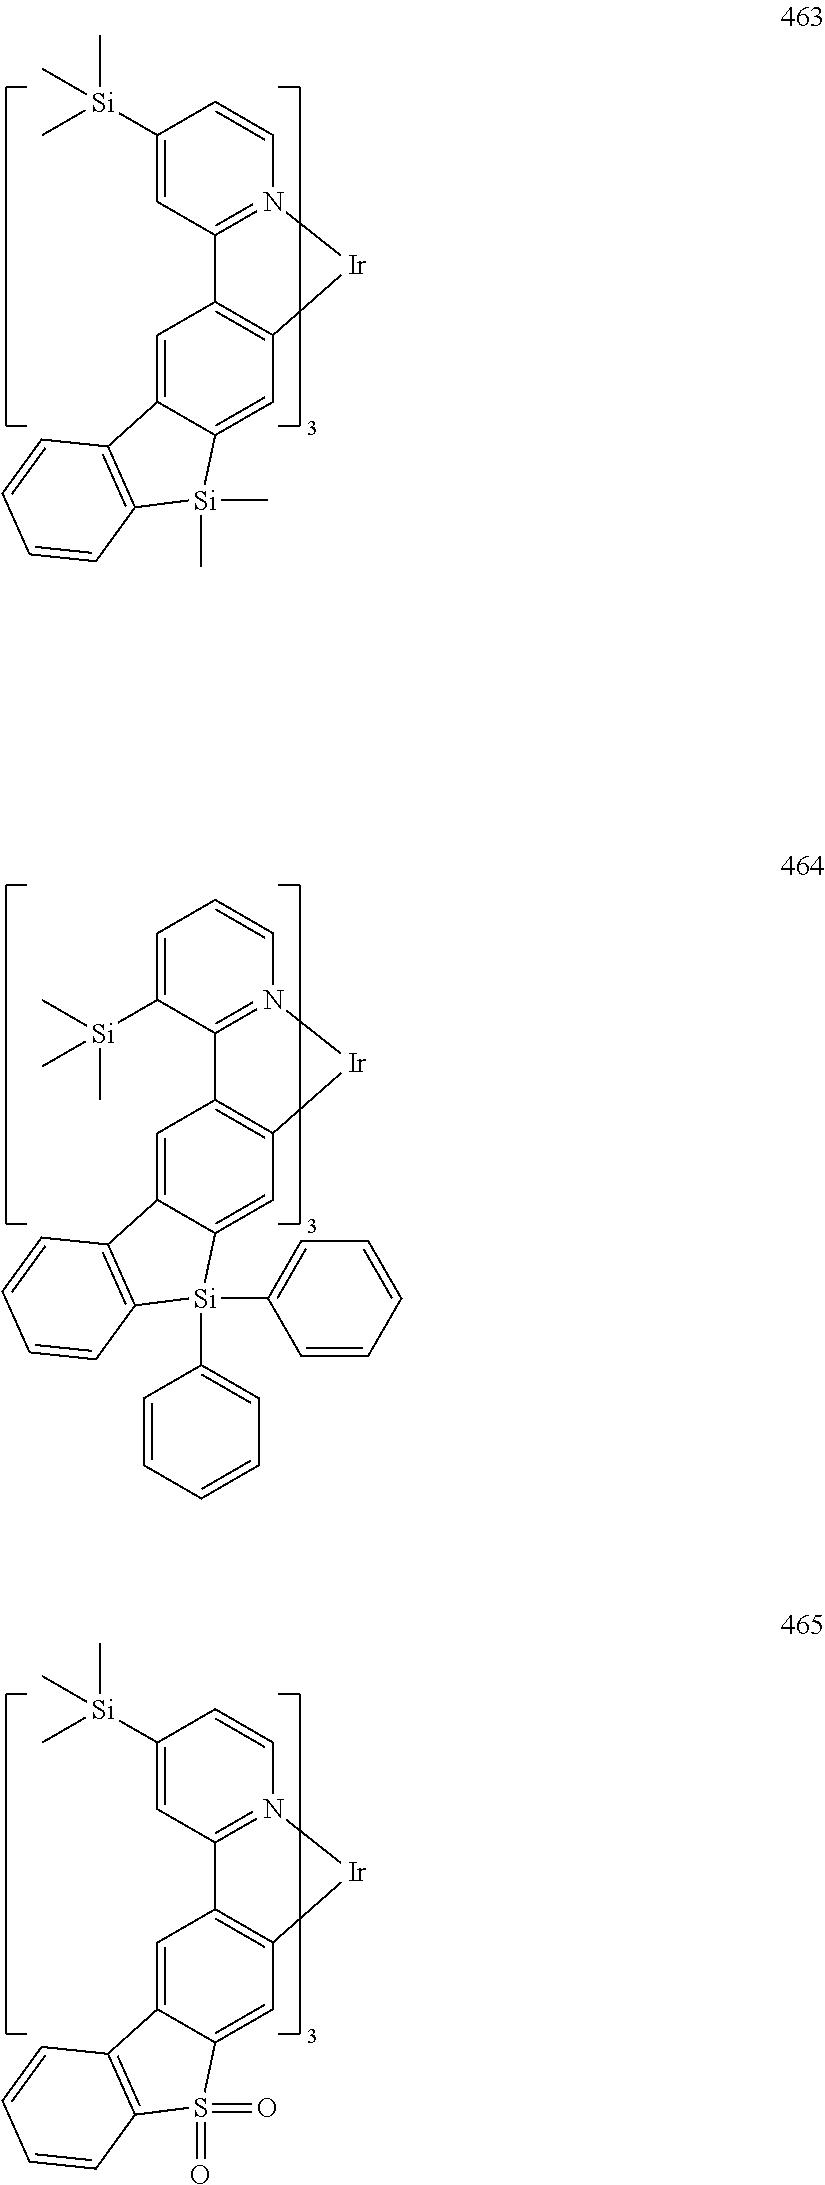 Figure US20160155962A1-20160602-C00199